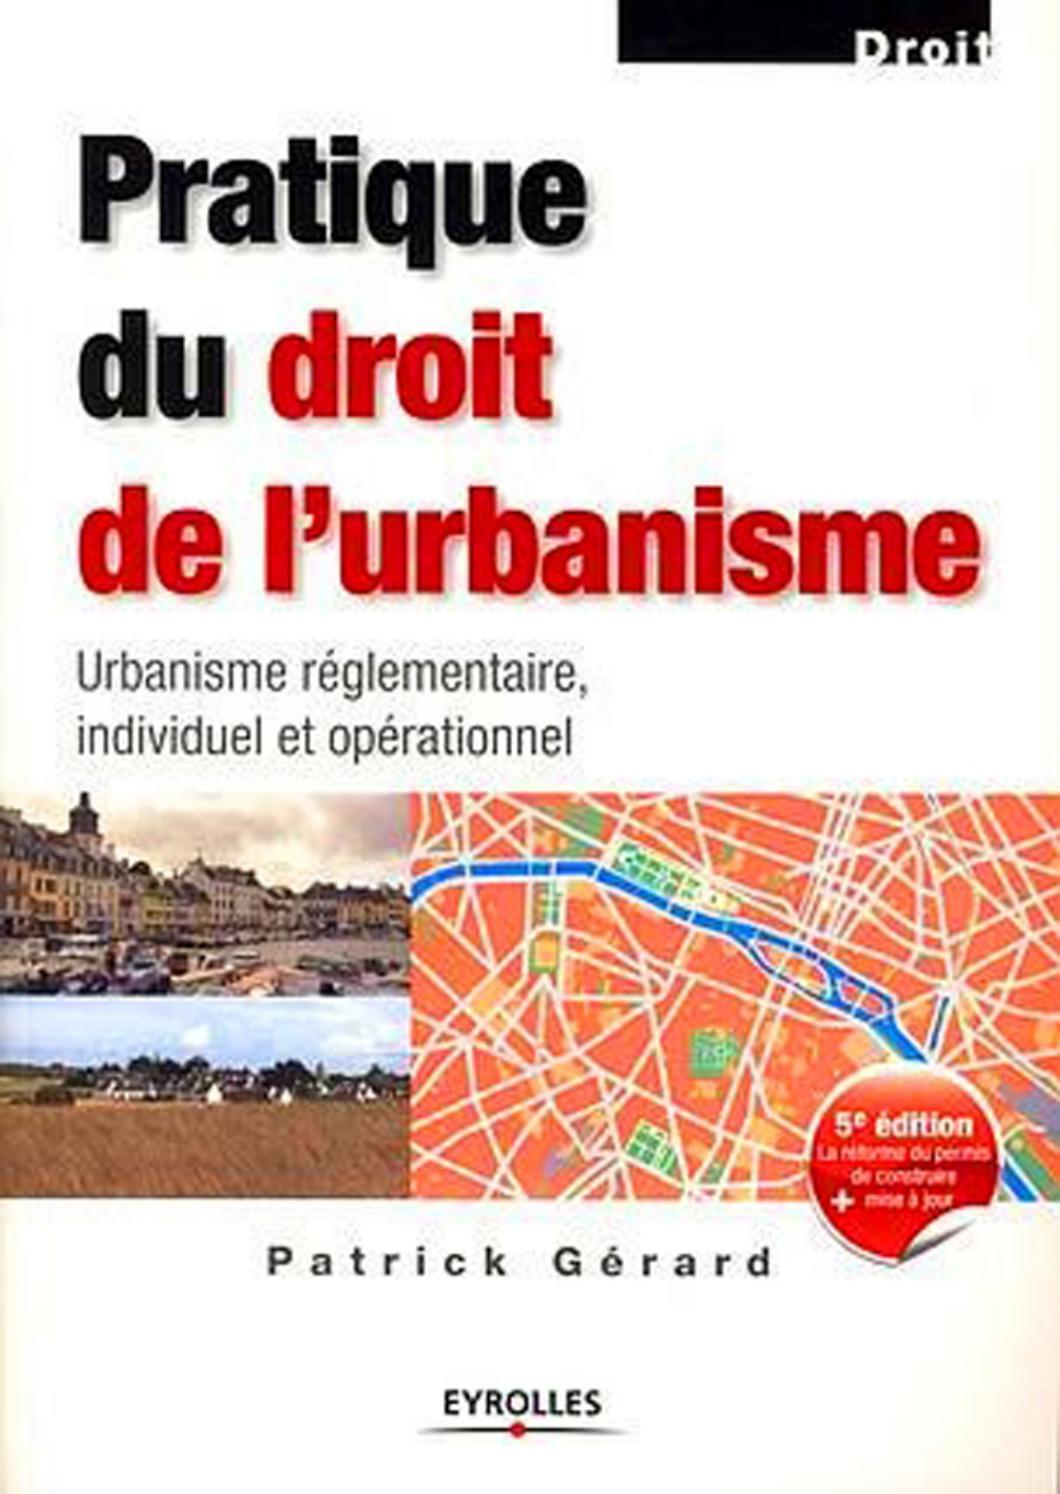 La Bonne Conduite Kremlin Bicetre pratique du droit de l'urbanisme urbanisme réglementaire